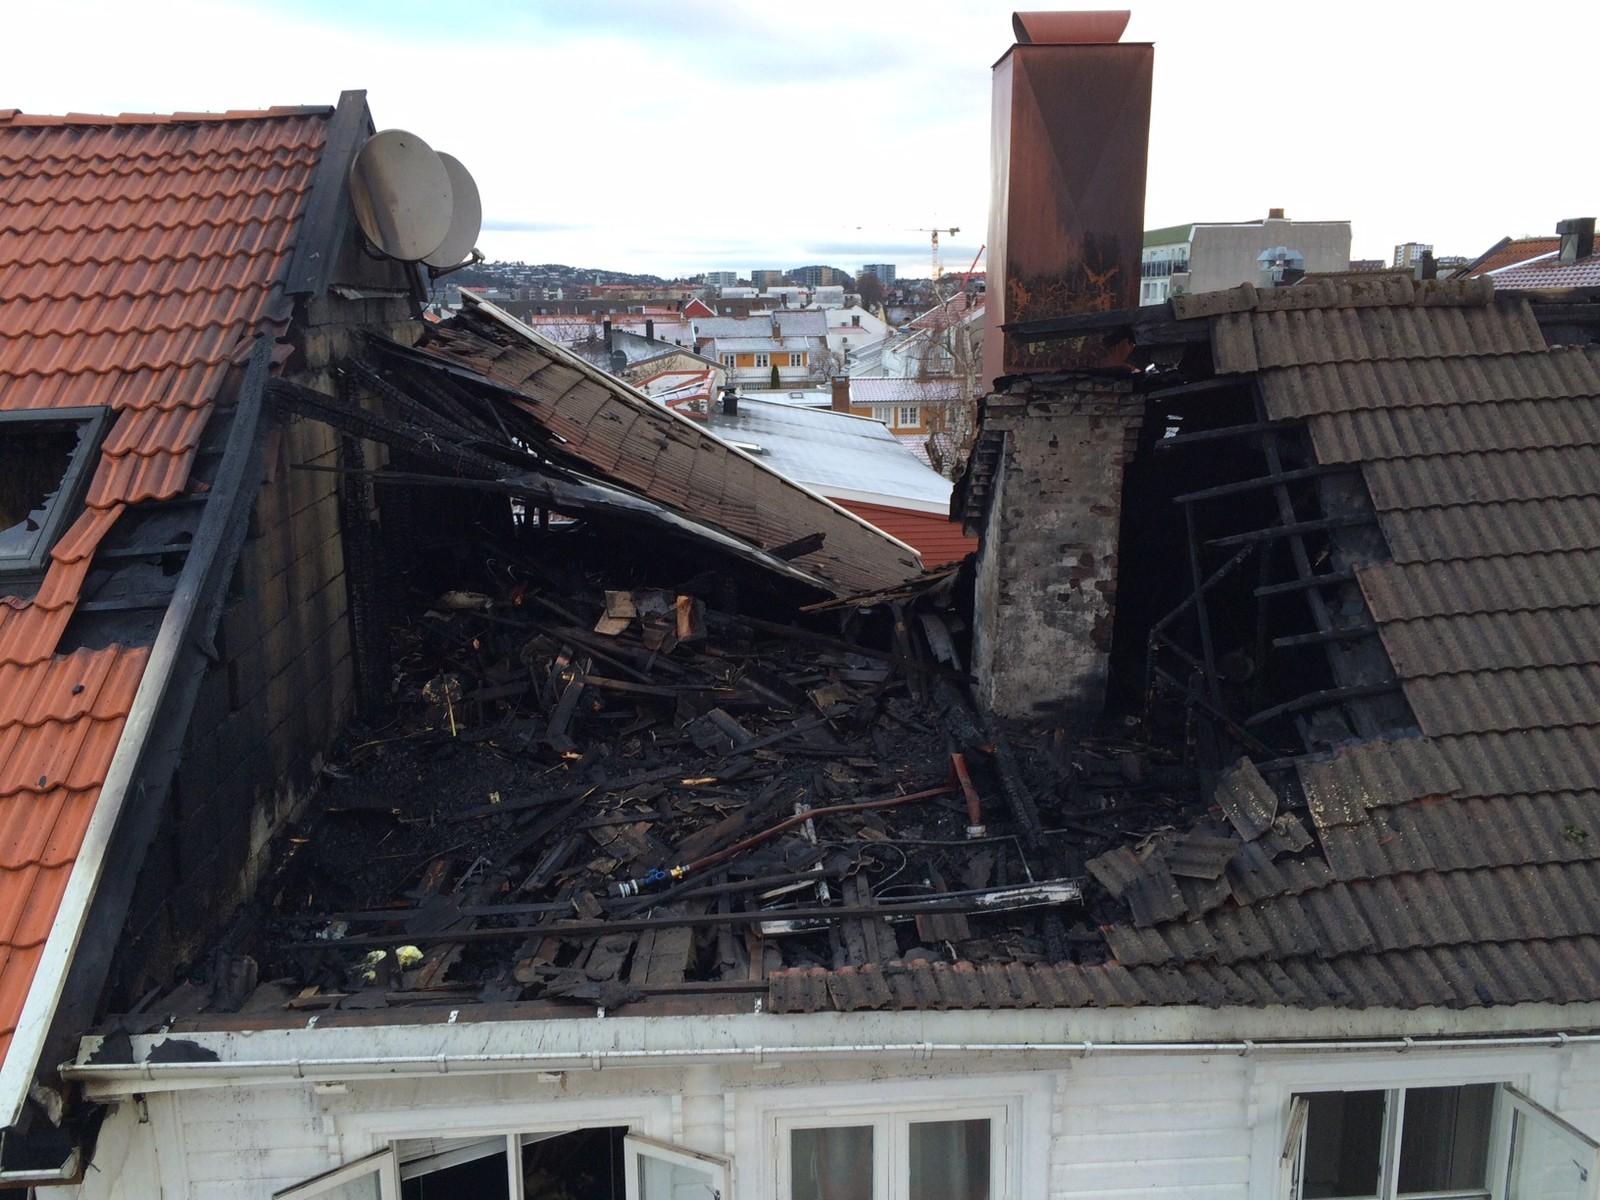 Det brant gjennom taket på bygningen i Holbergs gate i morges.